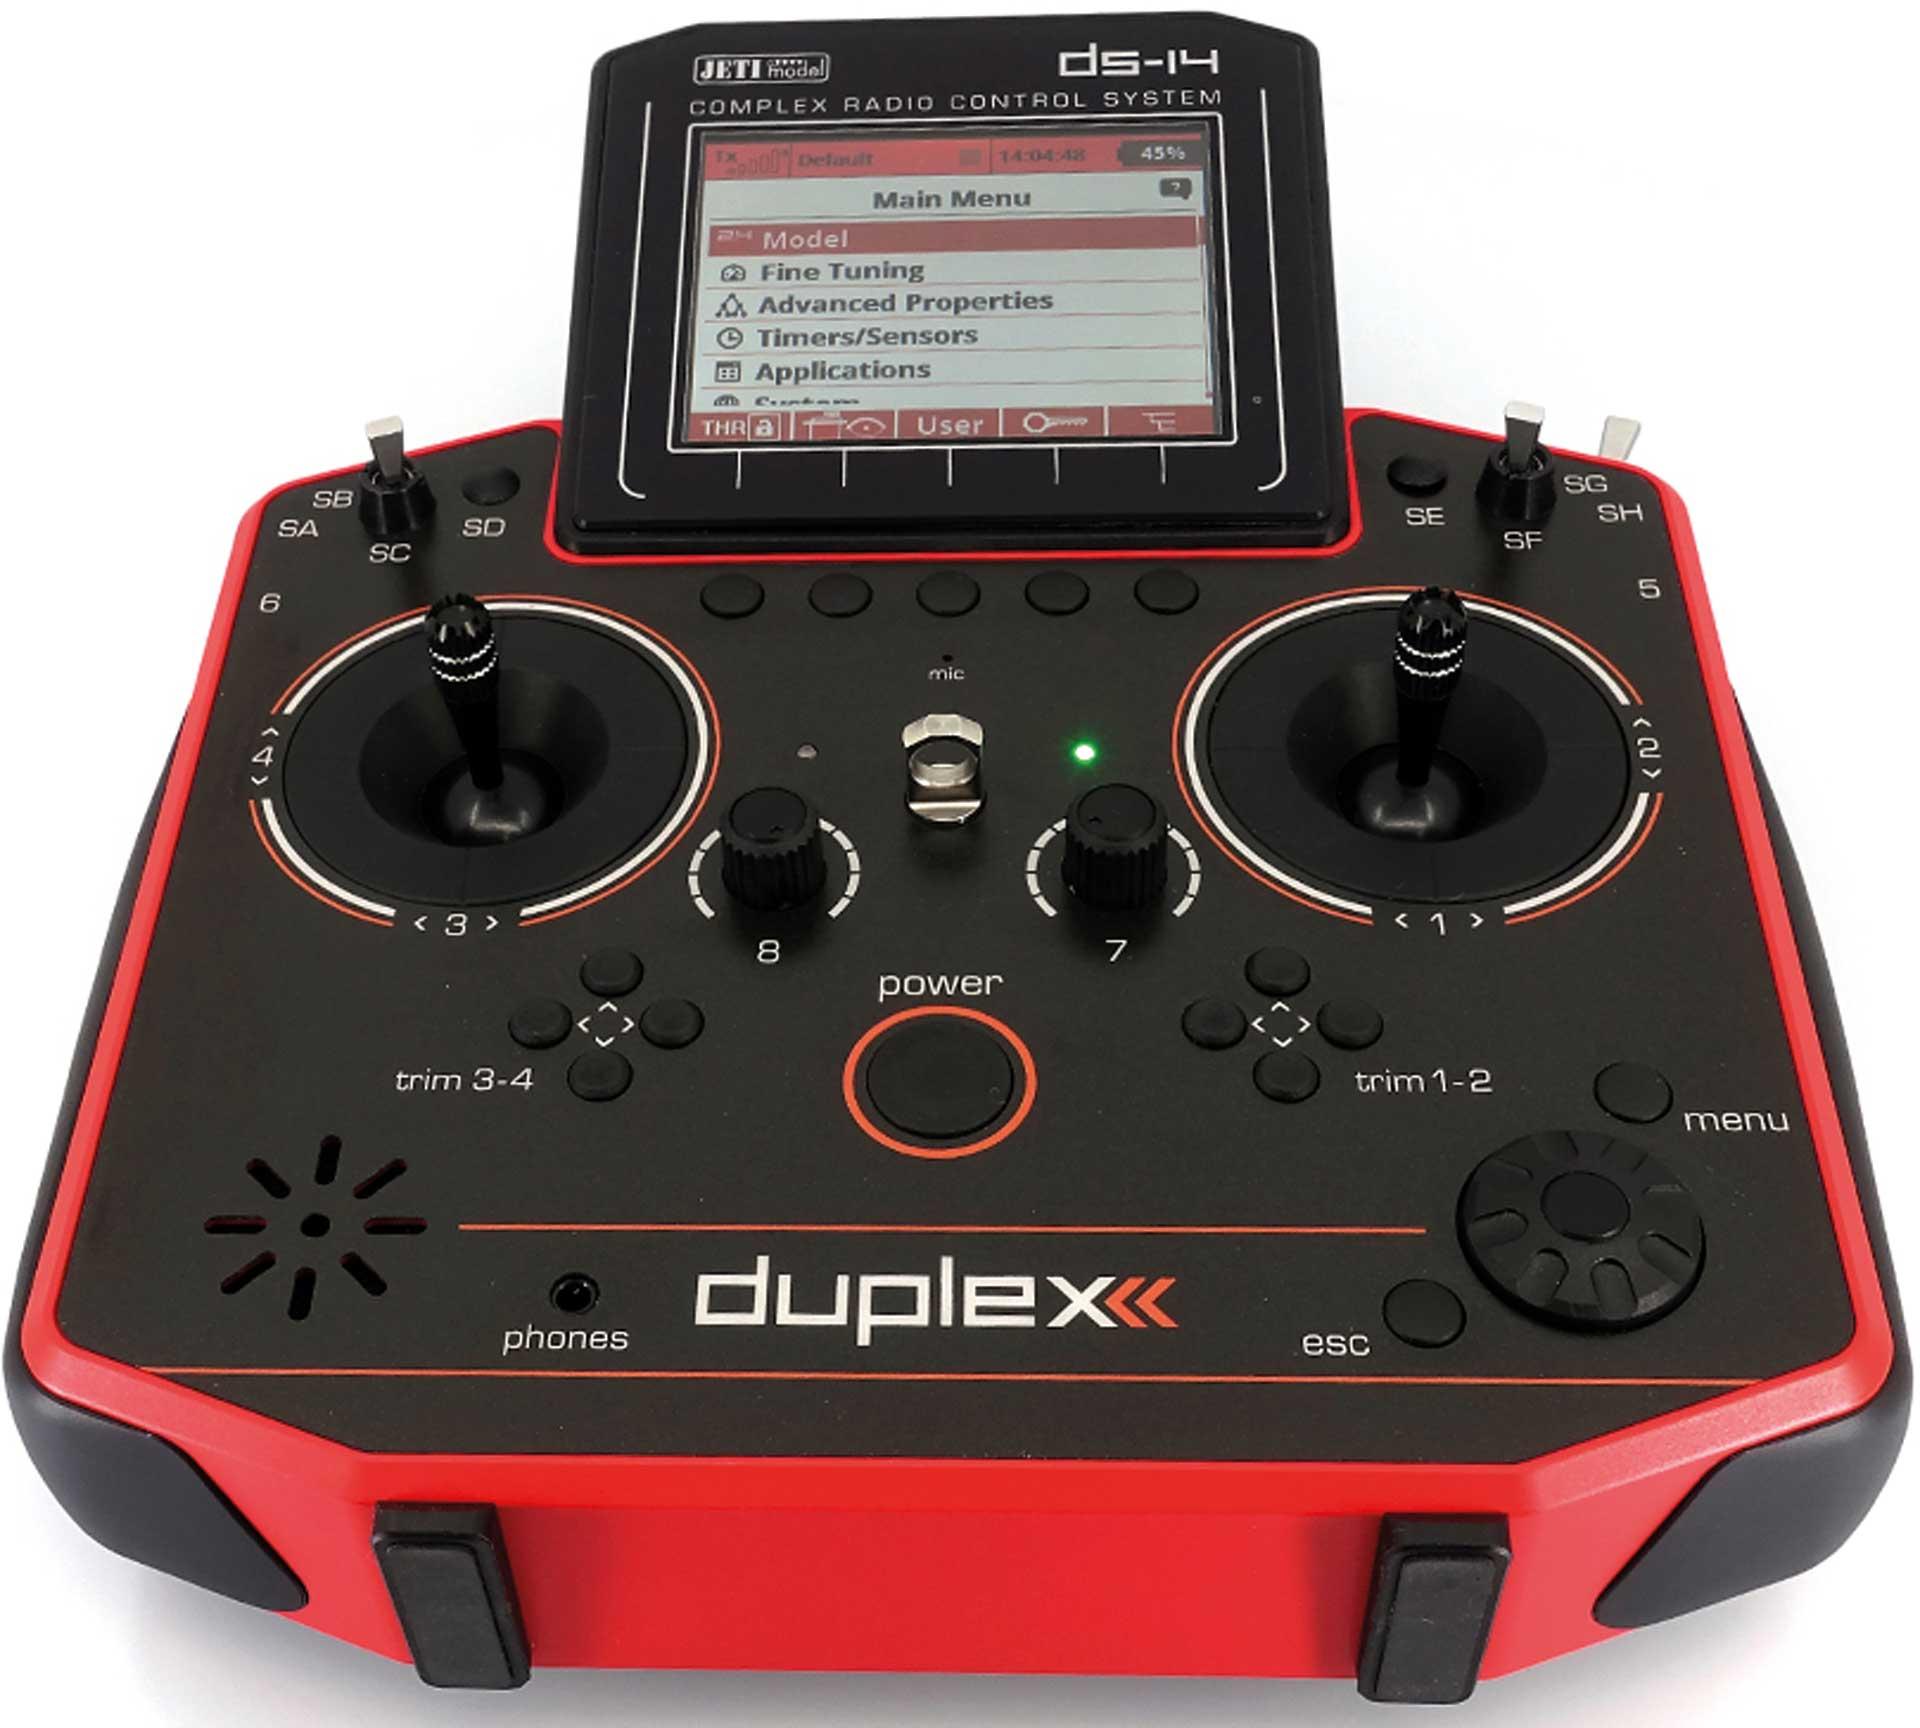 JETI DS-14 II Rot Handsender Multimode 2,4Ghz Fernsteuerung